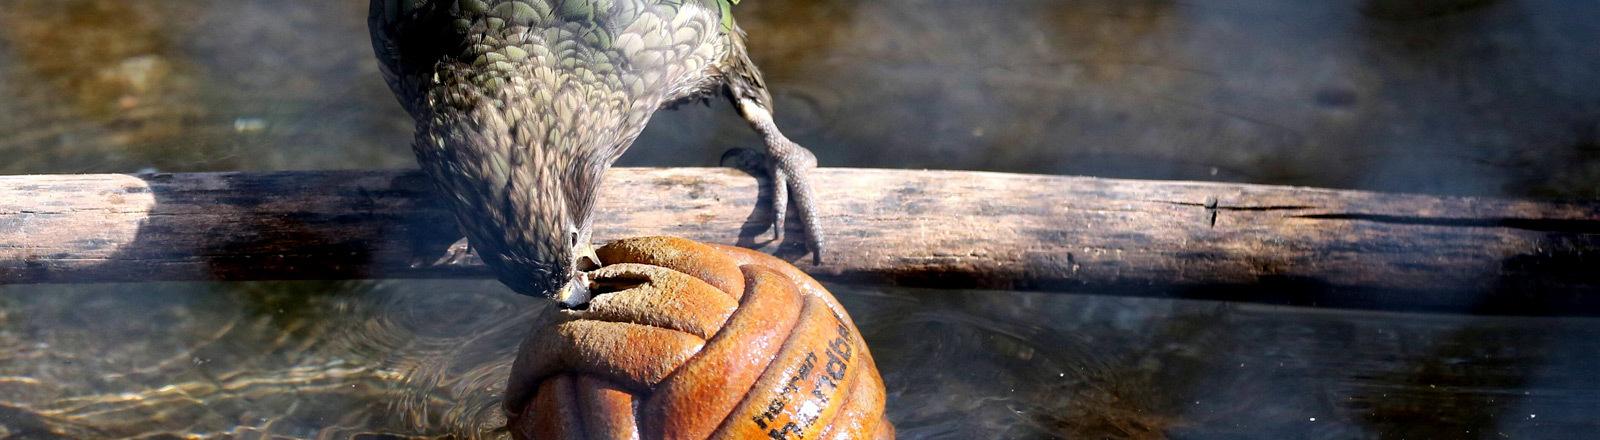 Ein Papageienvogel der Art Kea, der in Neuseeland vorkommt.